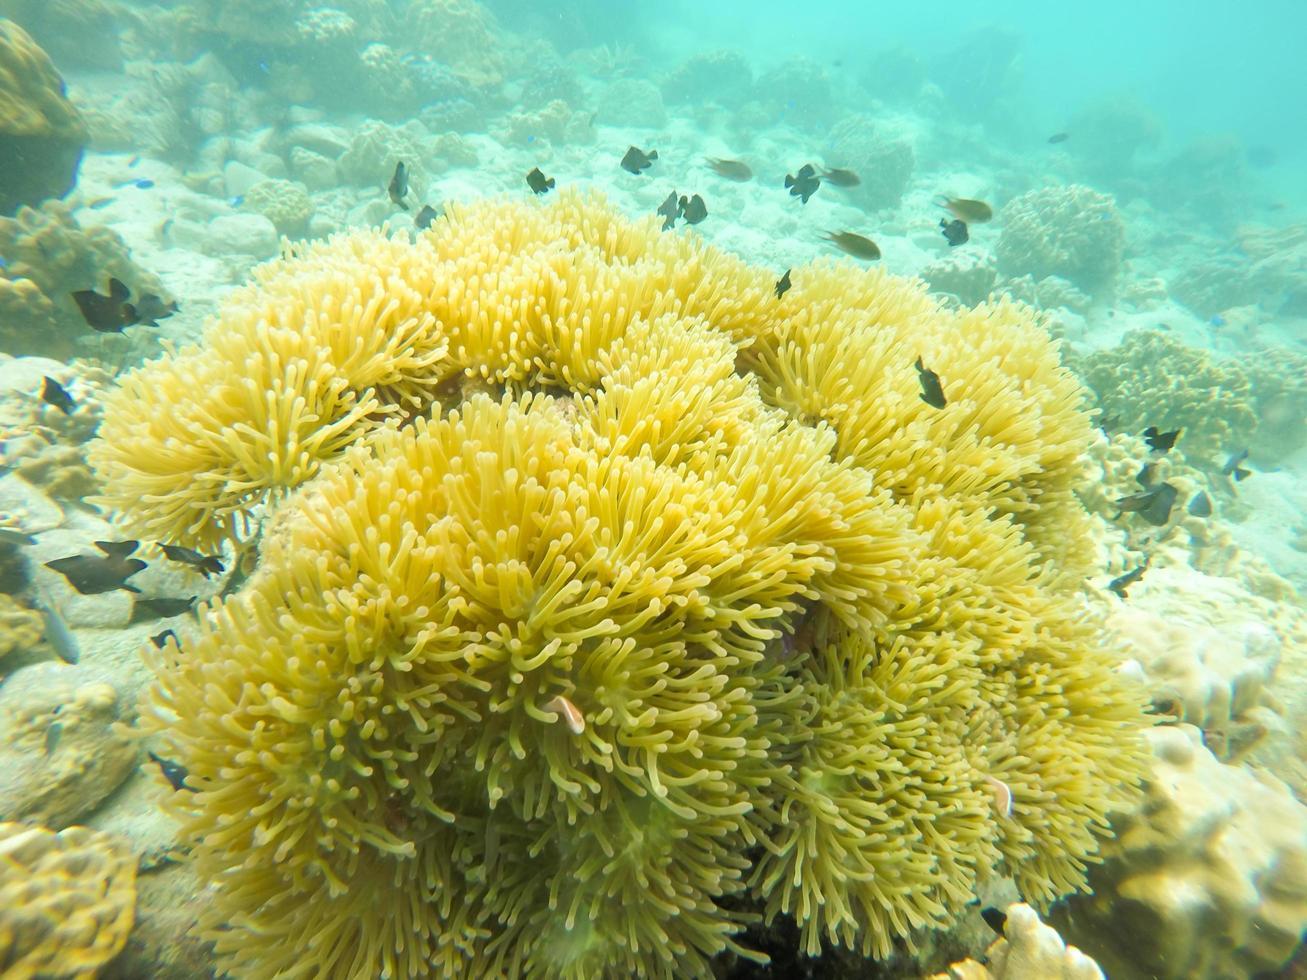 peixe perto de corais foto